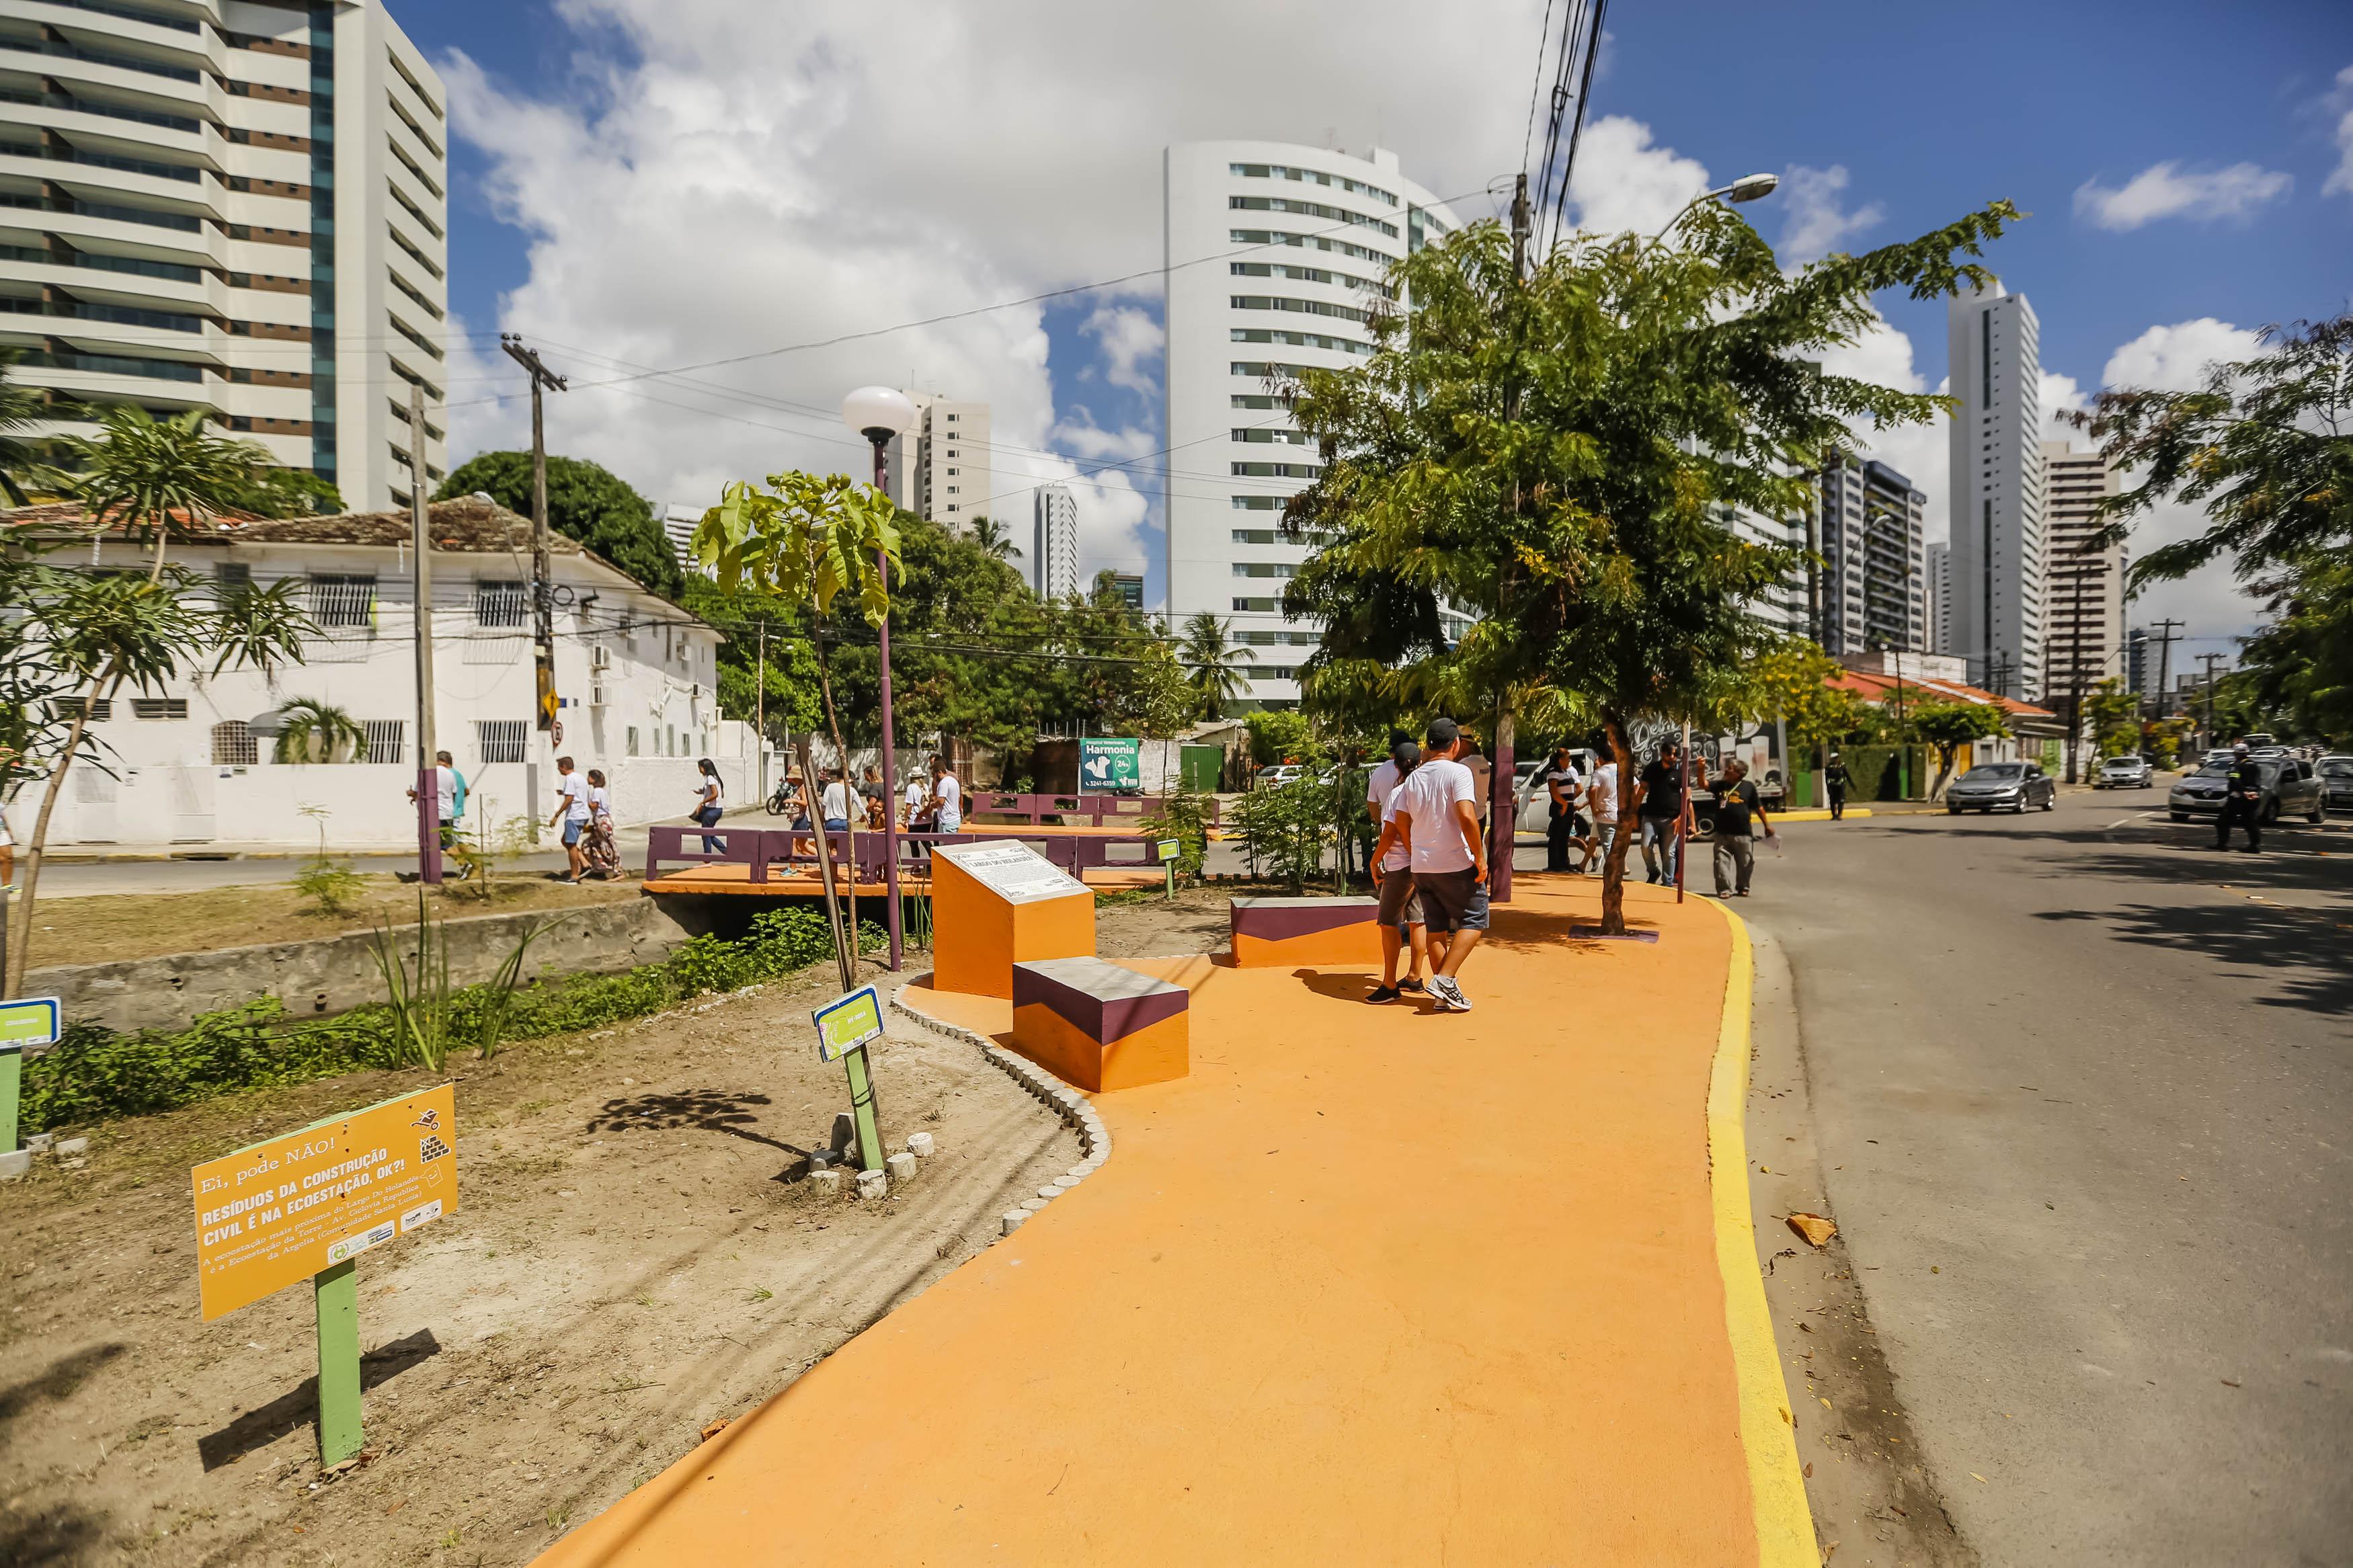 Foto: Andréa Rego Barros/Prefeitura do Recife.